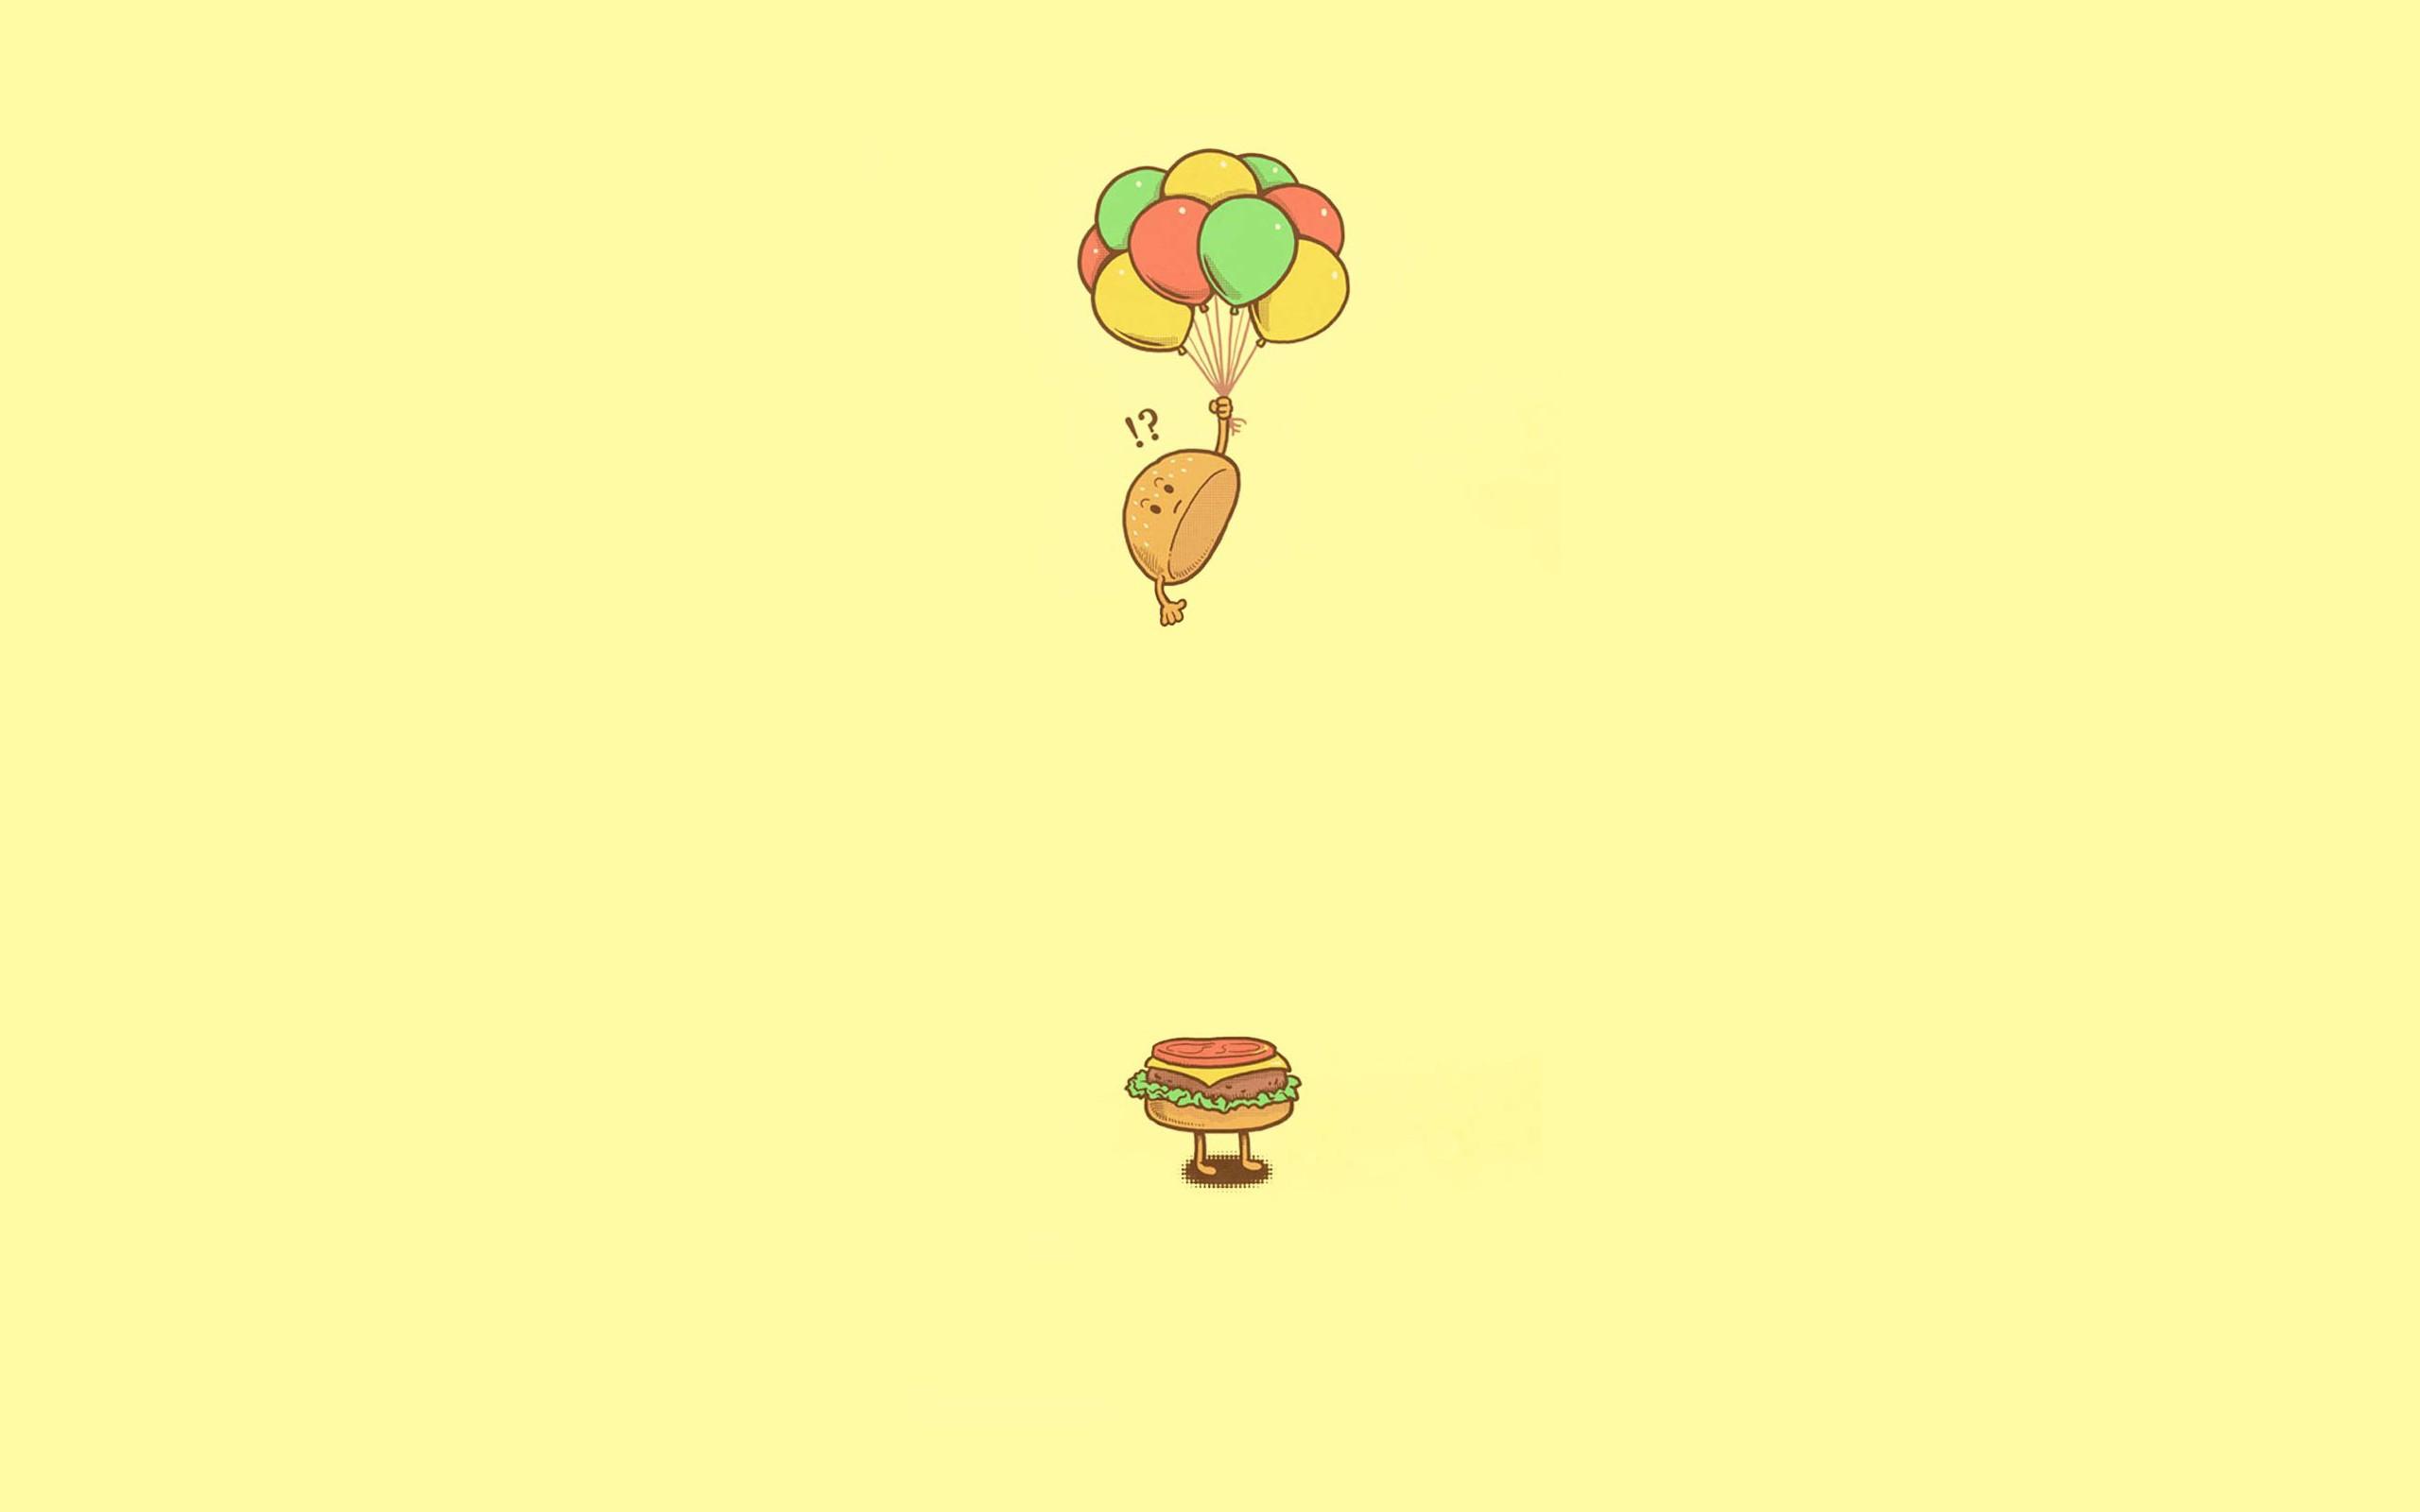 Fondos De Pantalla Ilustración Minimalismo Logo Dibujos